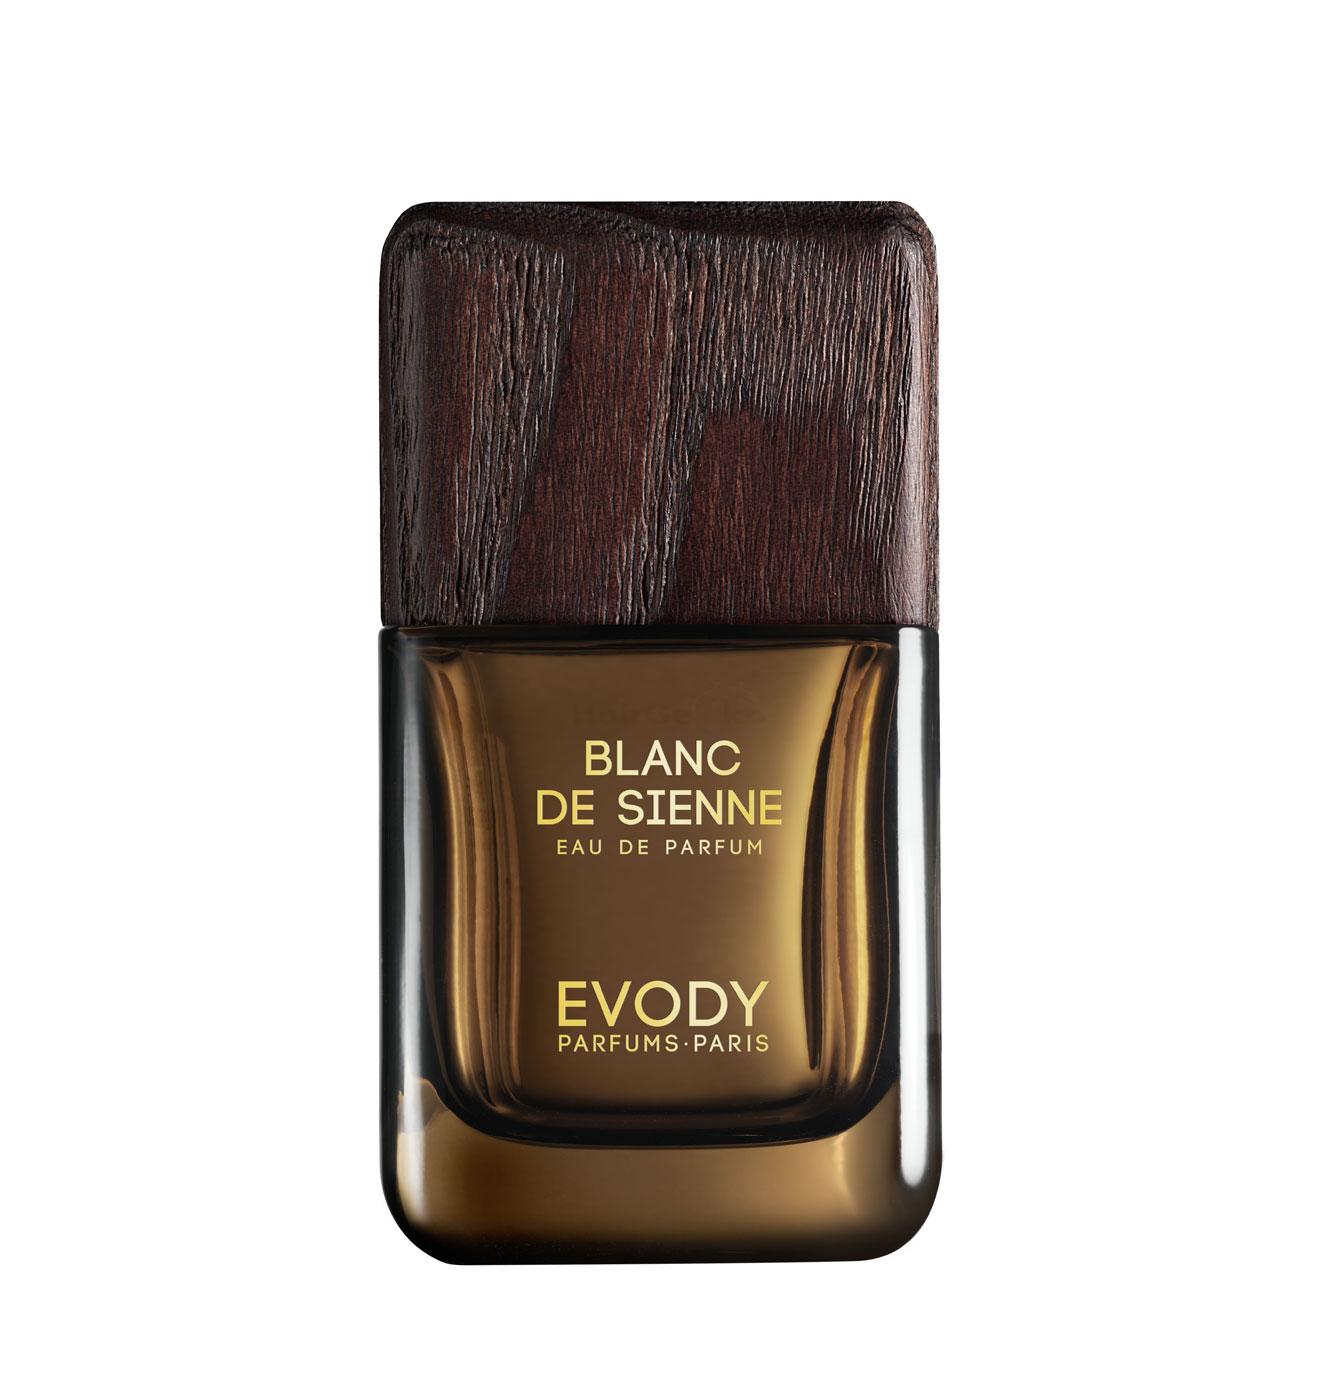 Evody - Collection D'Ailleurs - Blanc De Sienne Eau de Parfum 50ml